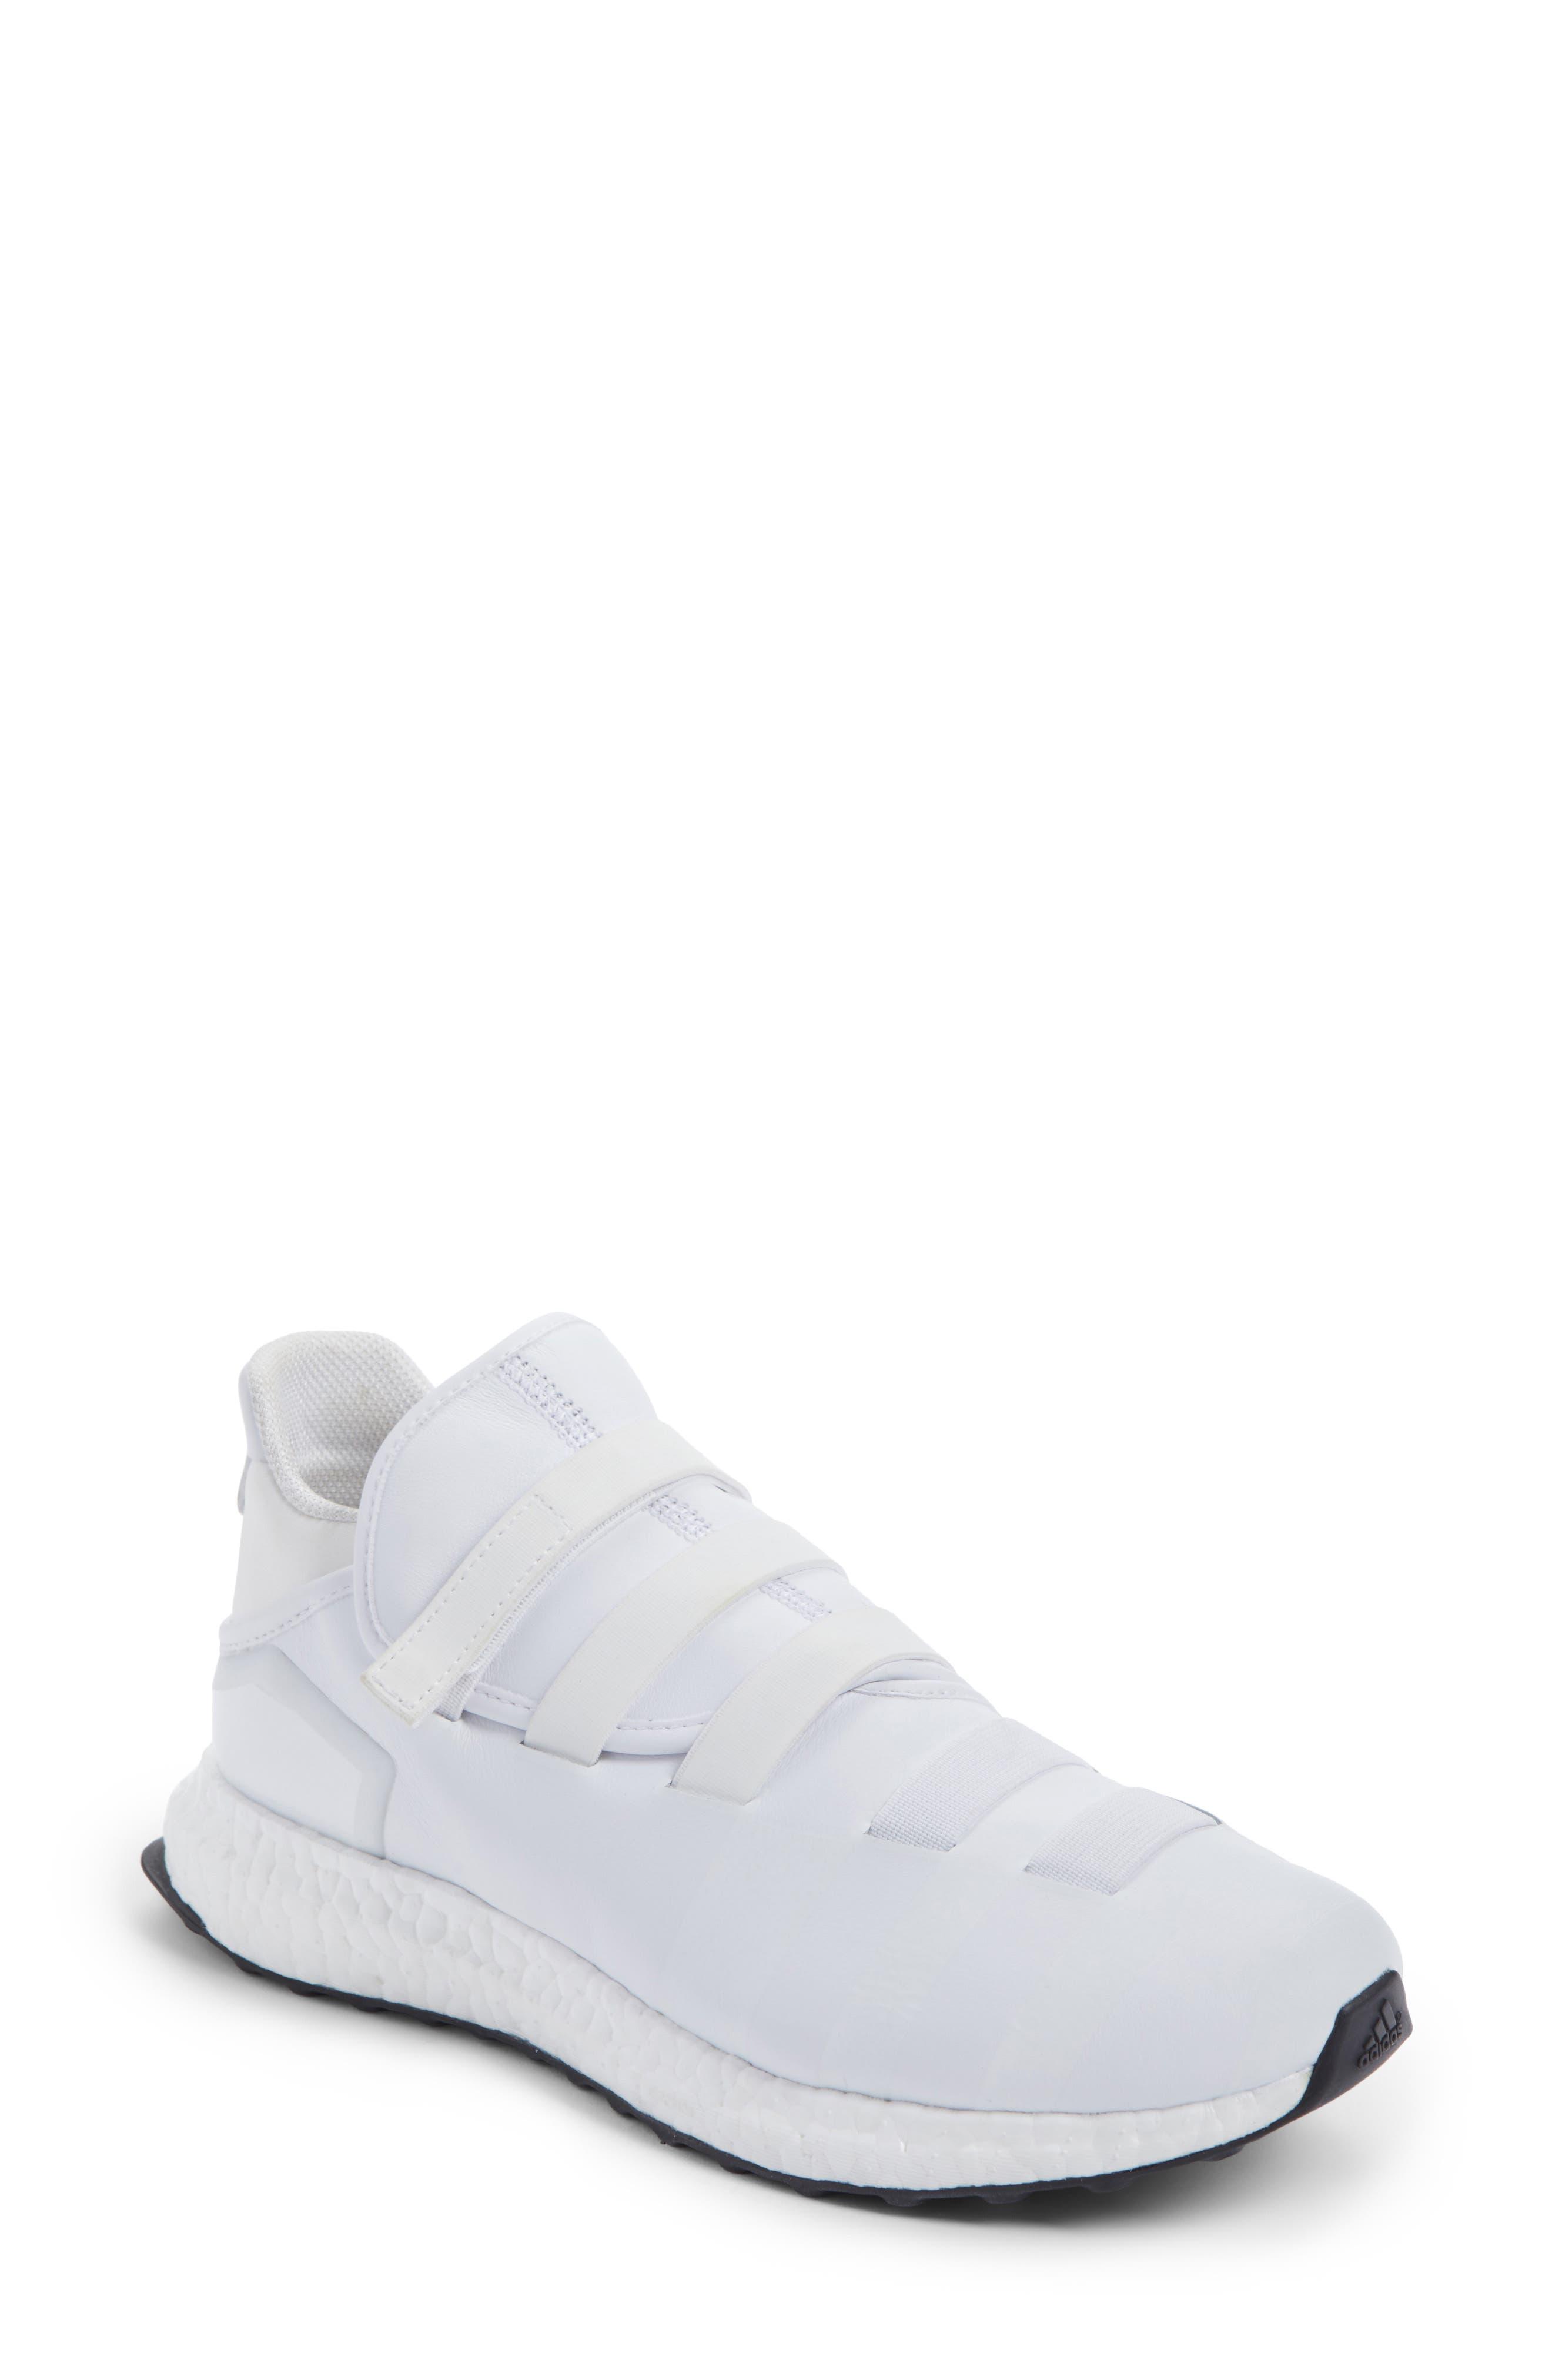 Zazu Strappy Sneaker,                         Main,                         color, 100